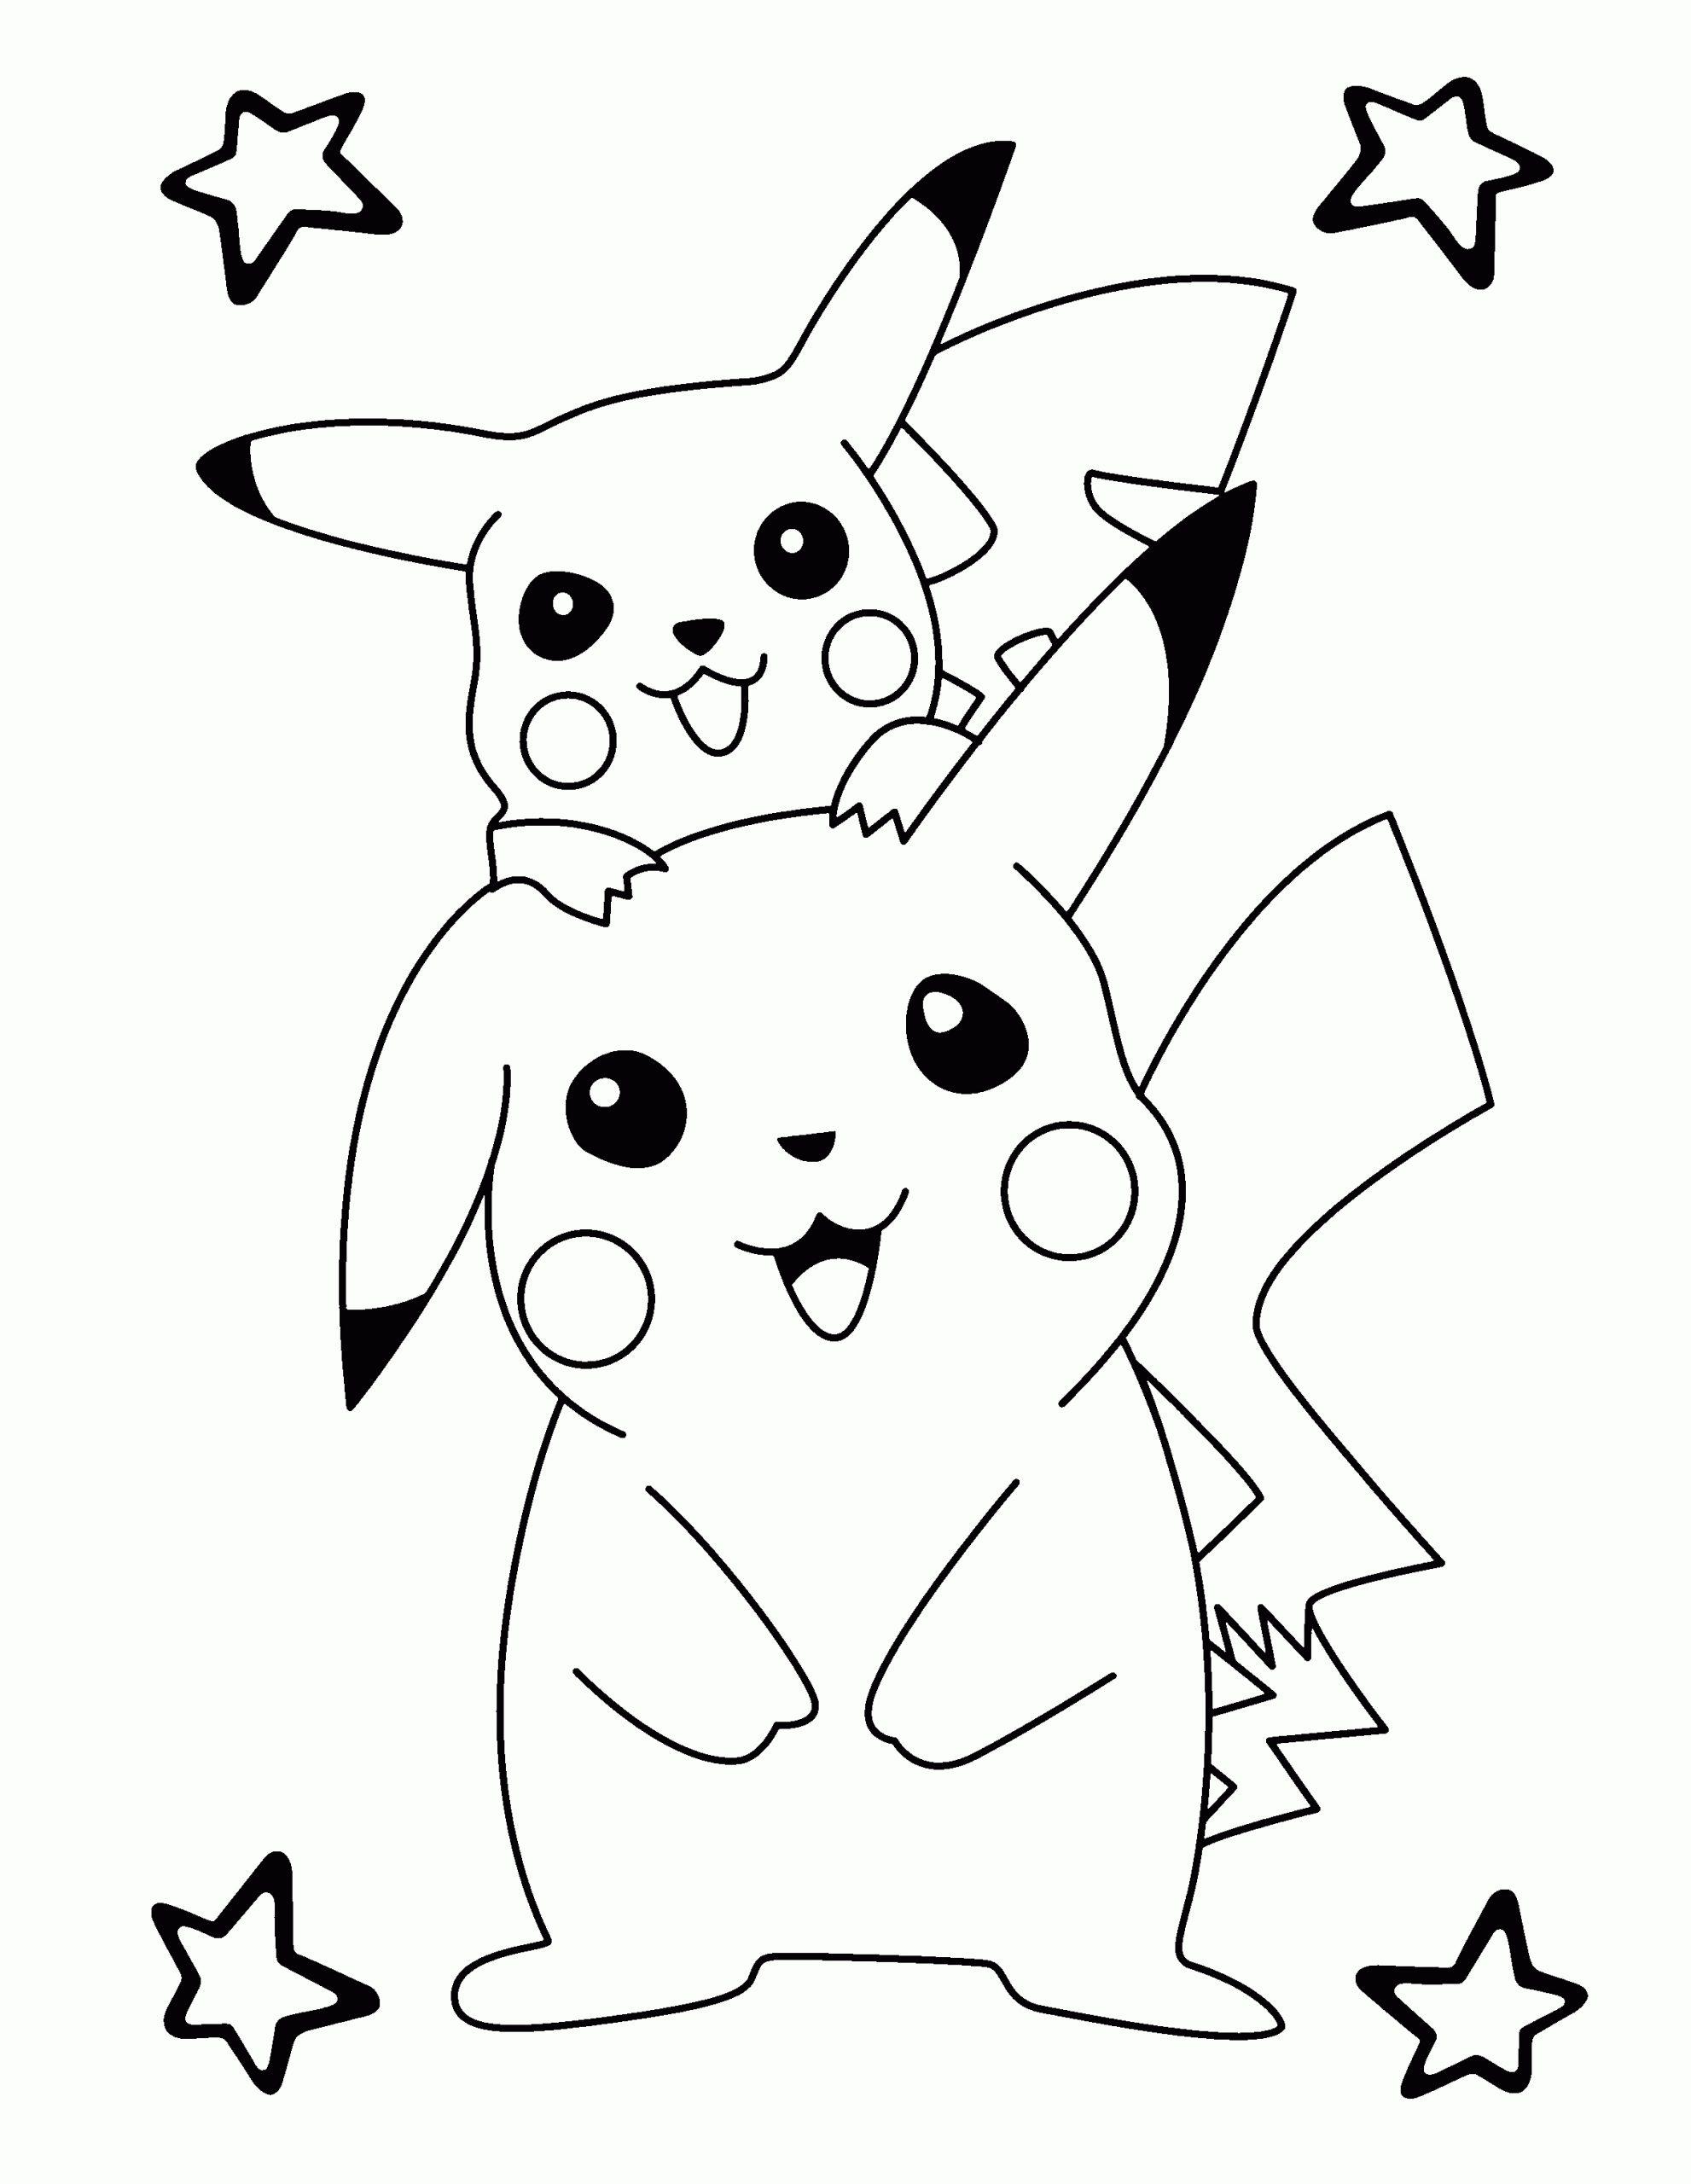 Mega Entwicklung - 1Ausmalbilder ganzes Pokemon Ausmalbilder Mega Entwicklung